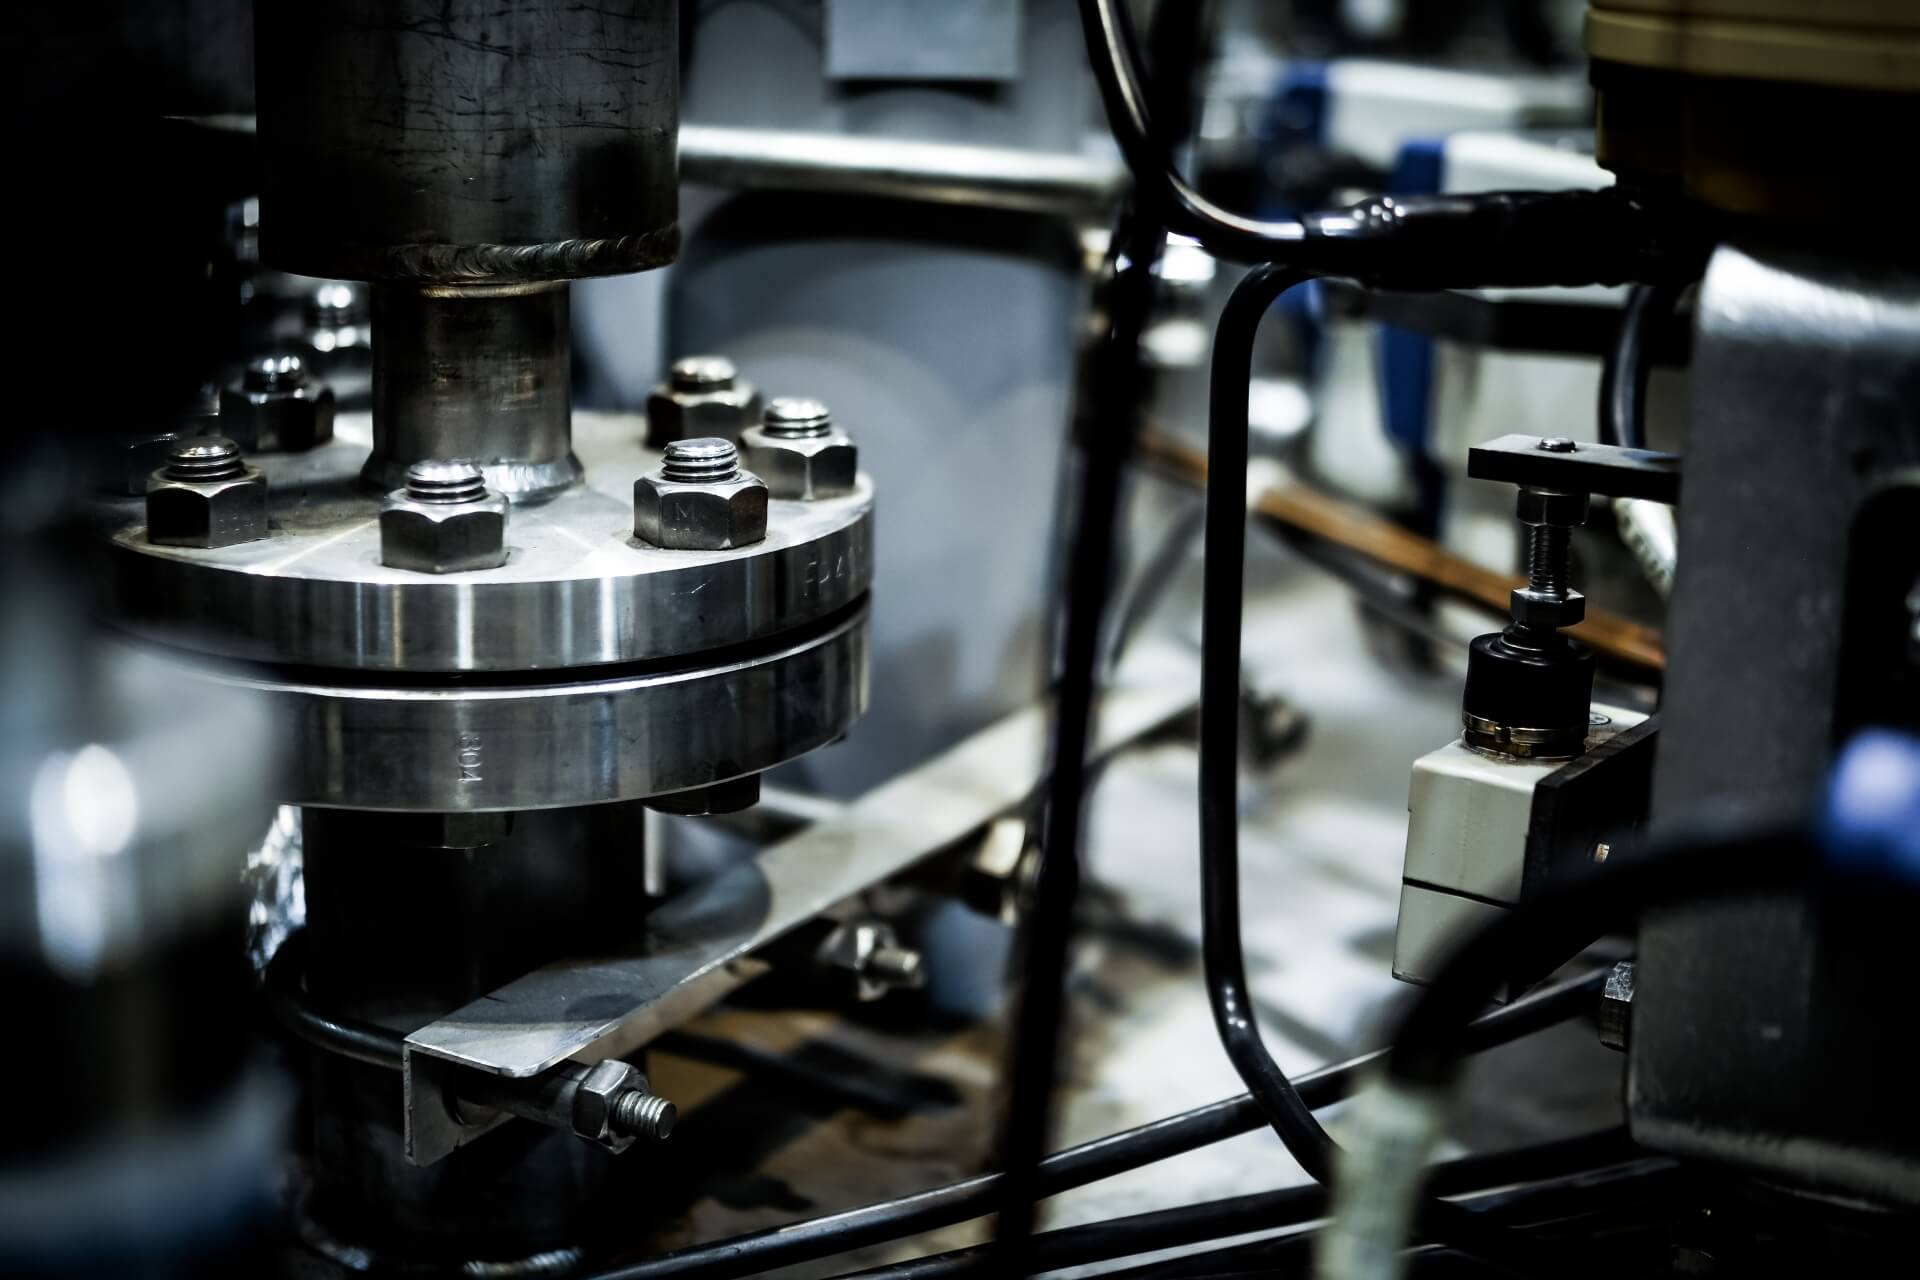 品質マネジメントシステム(QMS)におけるPDCAサイクルについて知ろう